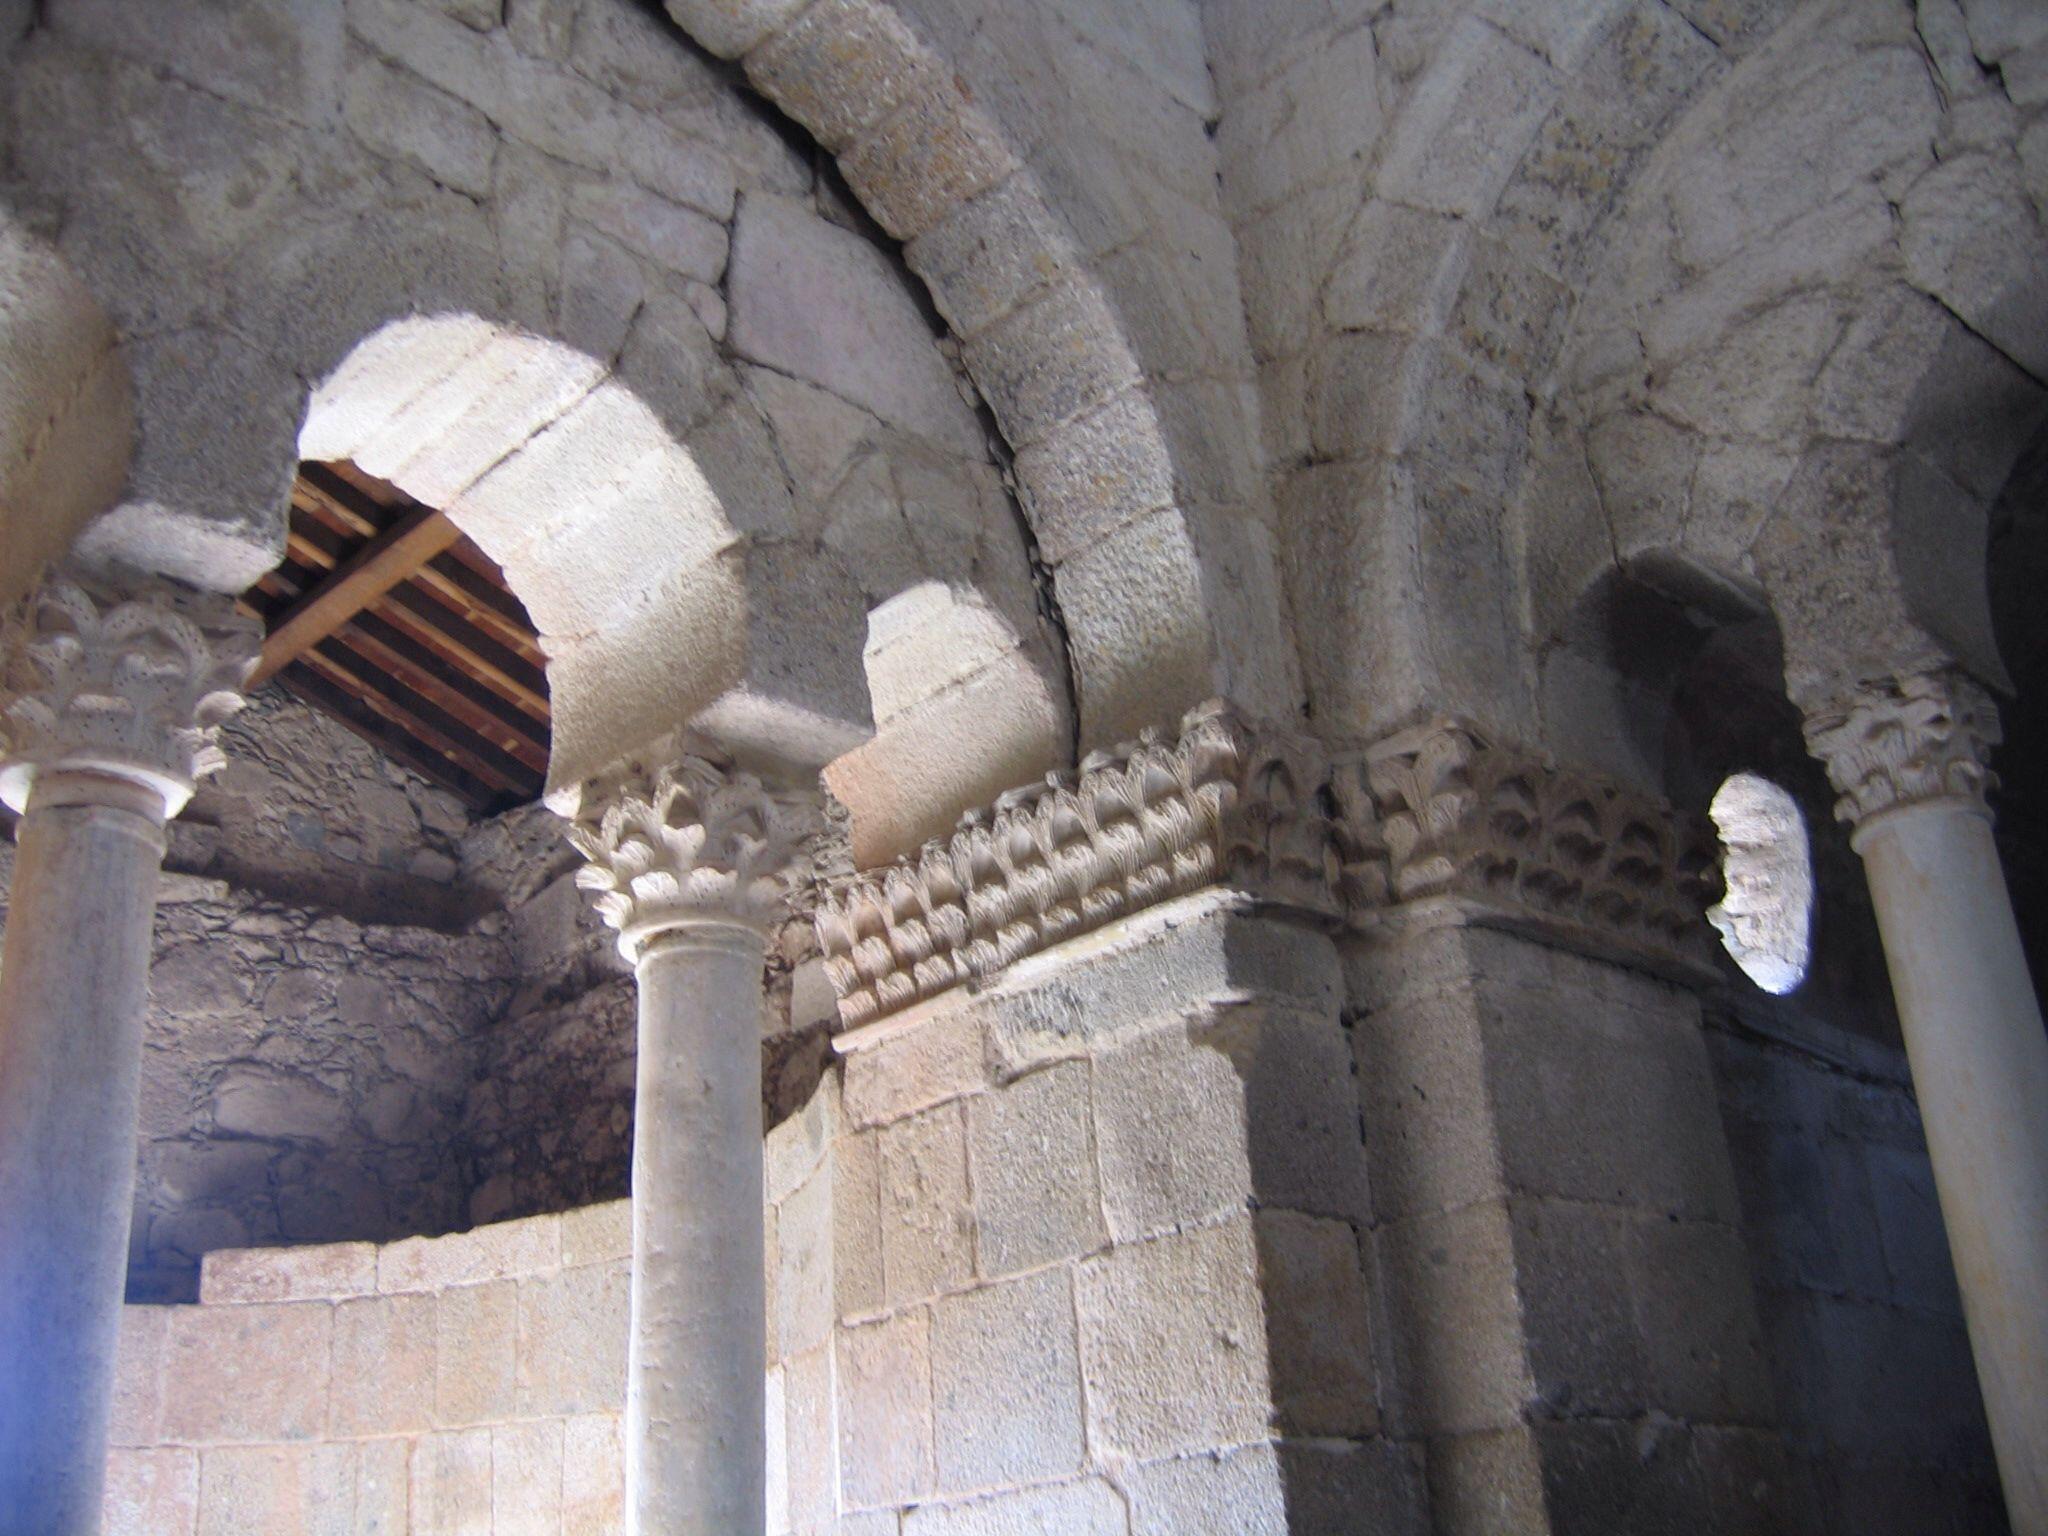 San Fructuoso de Montelios (en portugués São Frutuoso de Montélios) es una capilla visigoda que se encuentra en la actual Braga (Portugal), se construyó entre los s. V y VI. Se encuadra en el marco histórico de la antigua Hispania visigoda / https://www.flickr.com/photos/20950440@N02/2248281425/sizes/o/